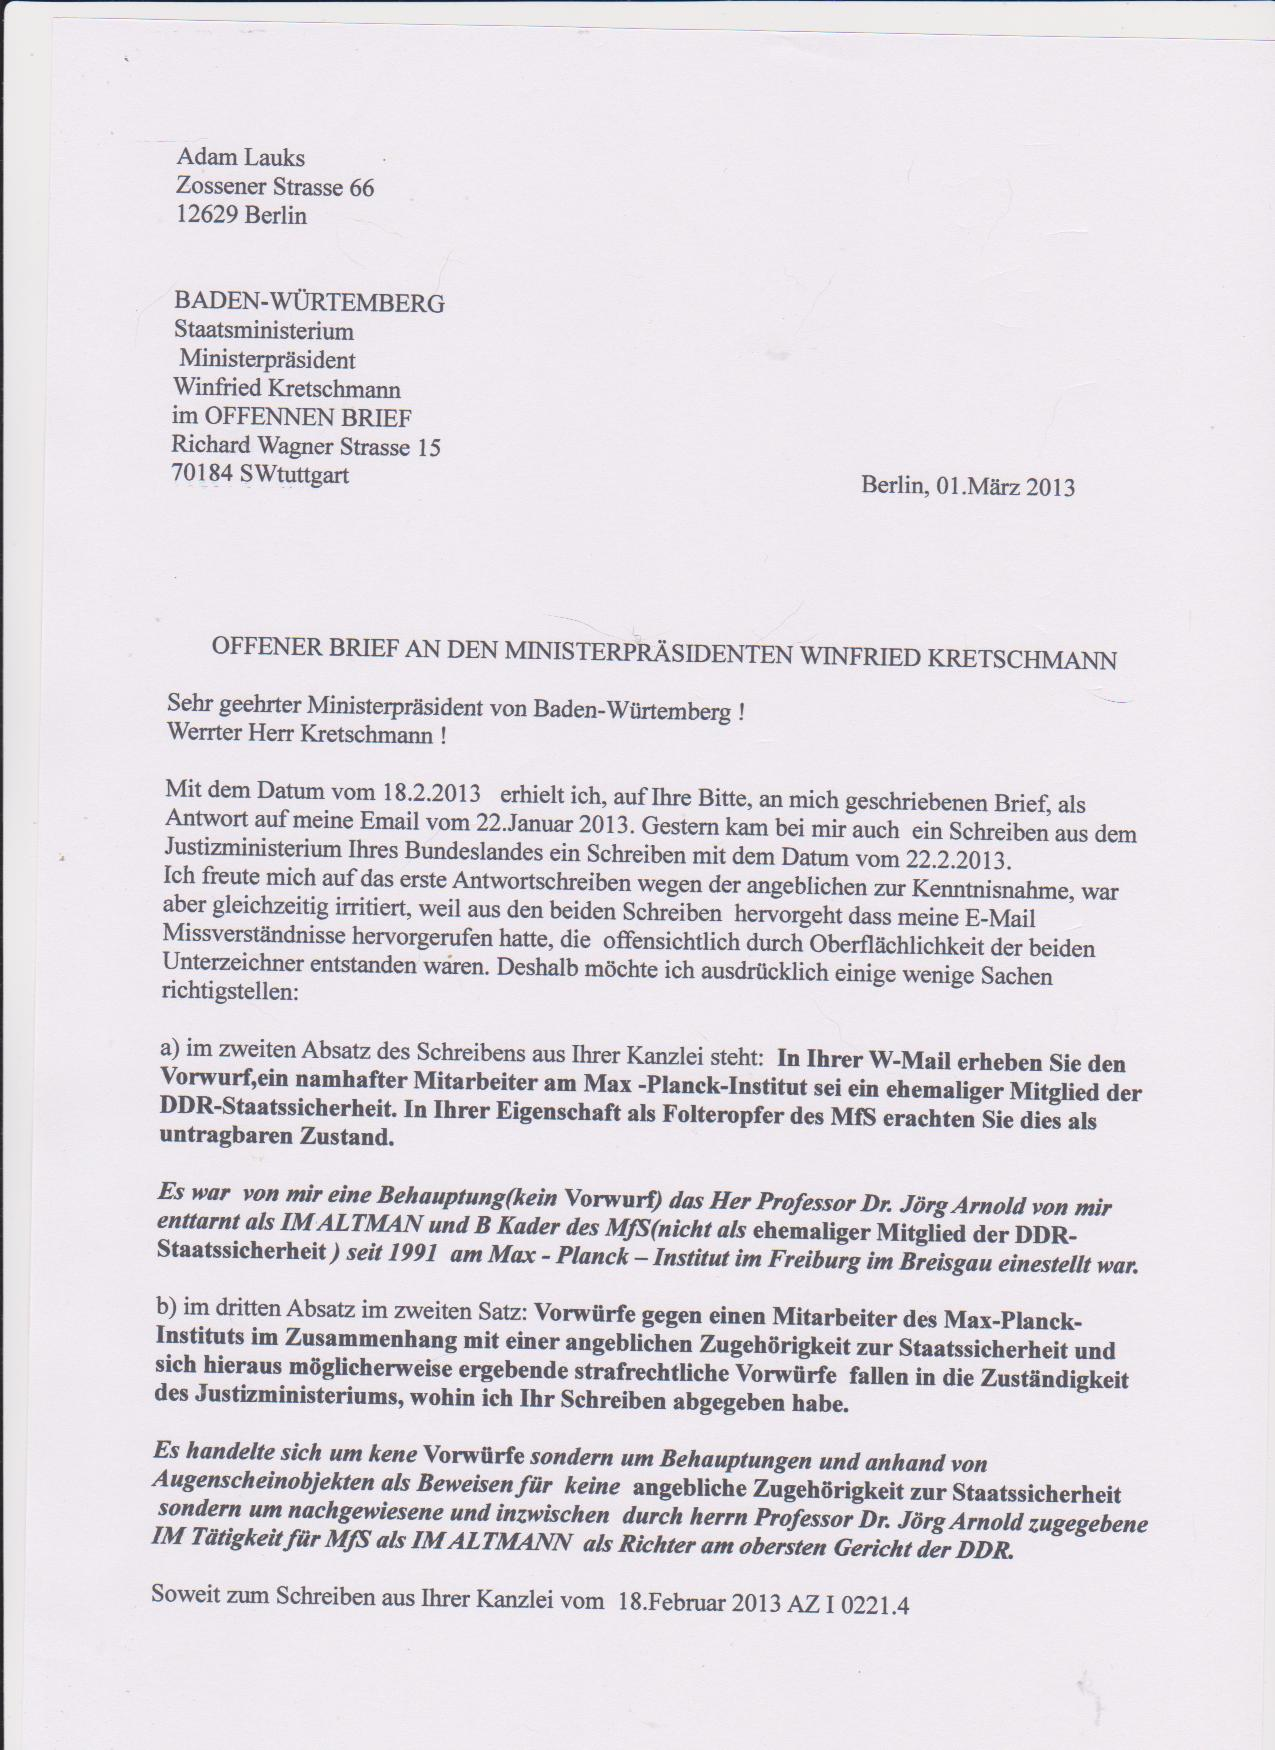 Brief Für Namensänderung : Offener brief an den ministerprÄsidenten winnfried